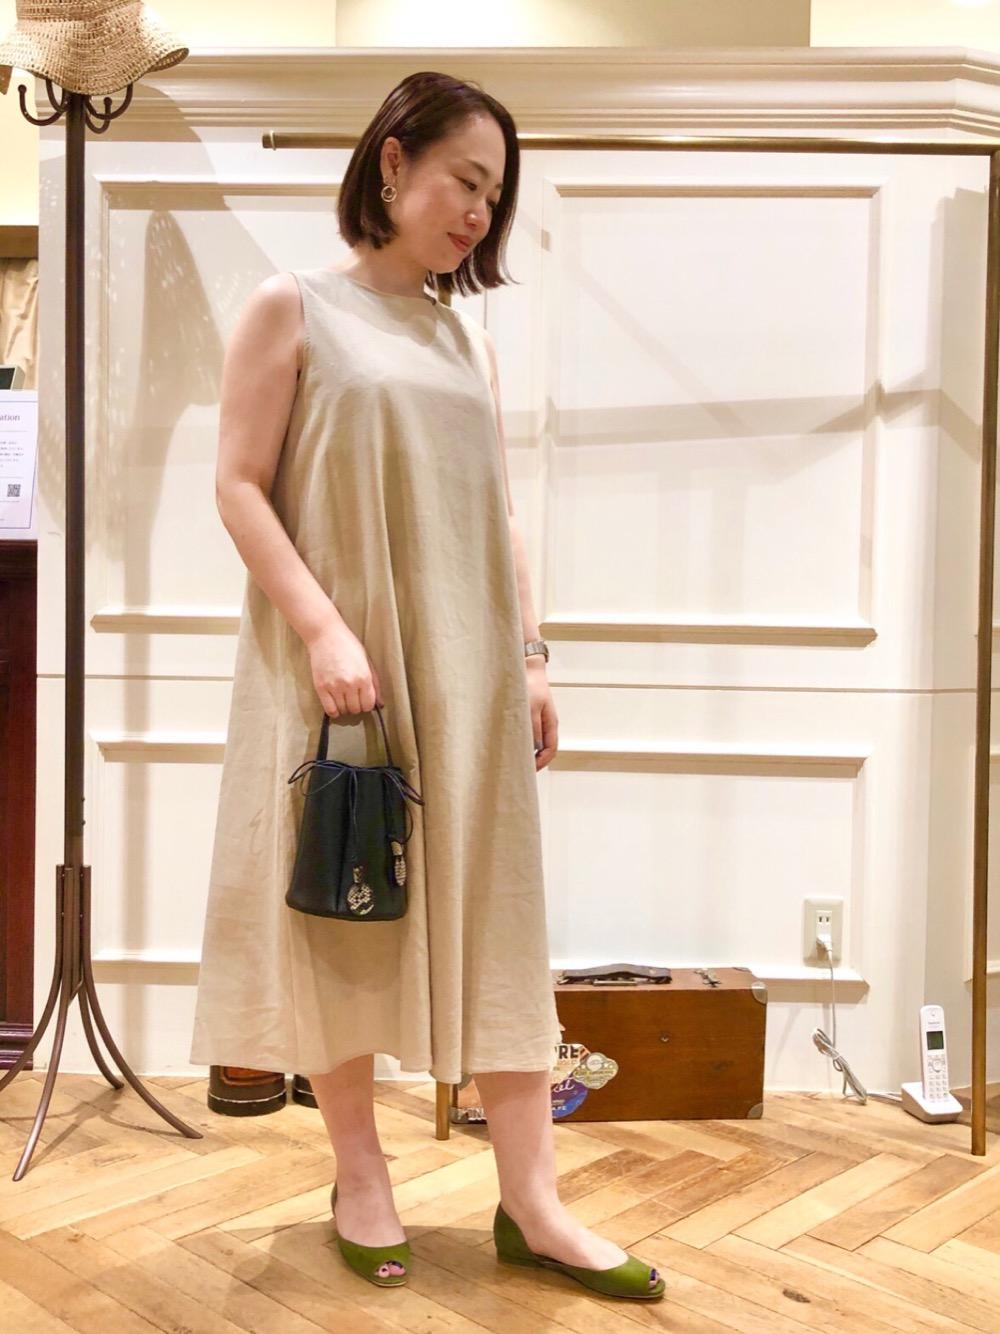 le.coeur blancアトレ松戸店